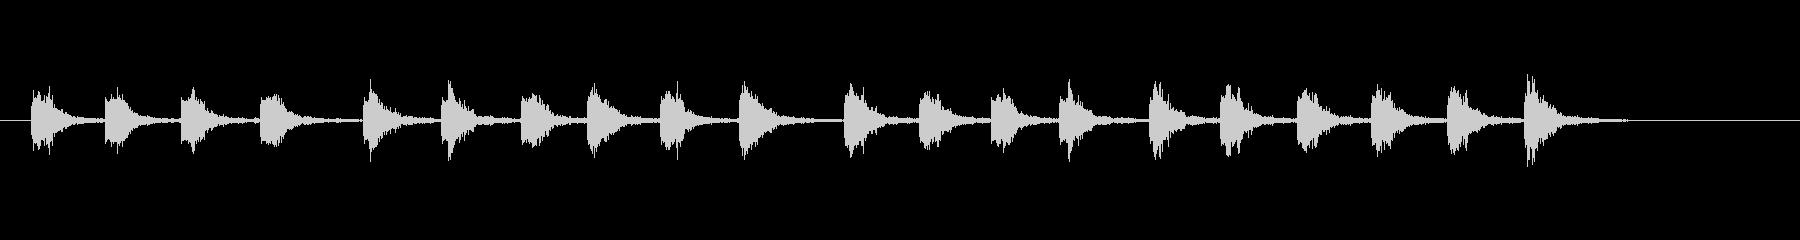 タイプライターのタイプ音_予告・告知動画の未再生の波形